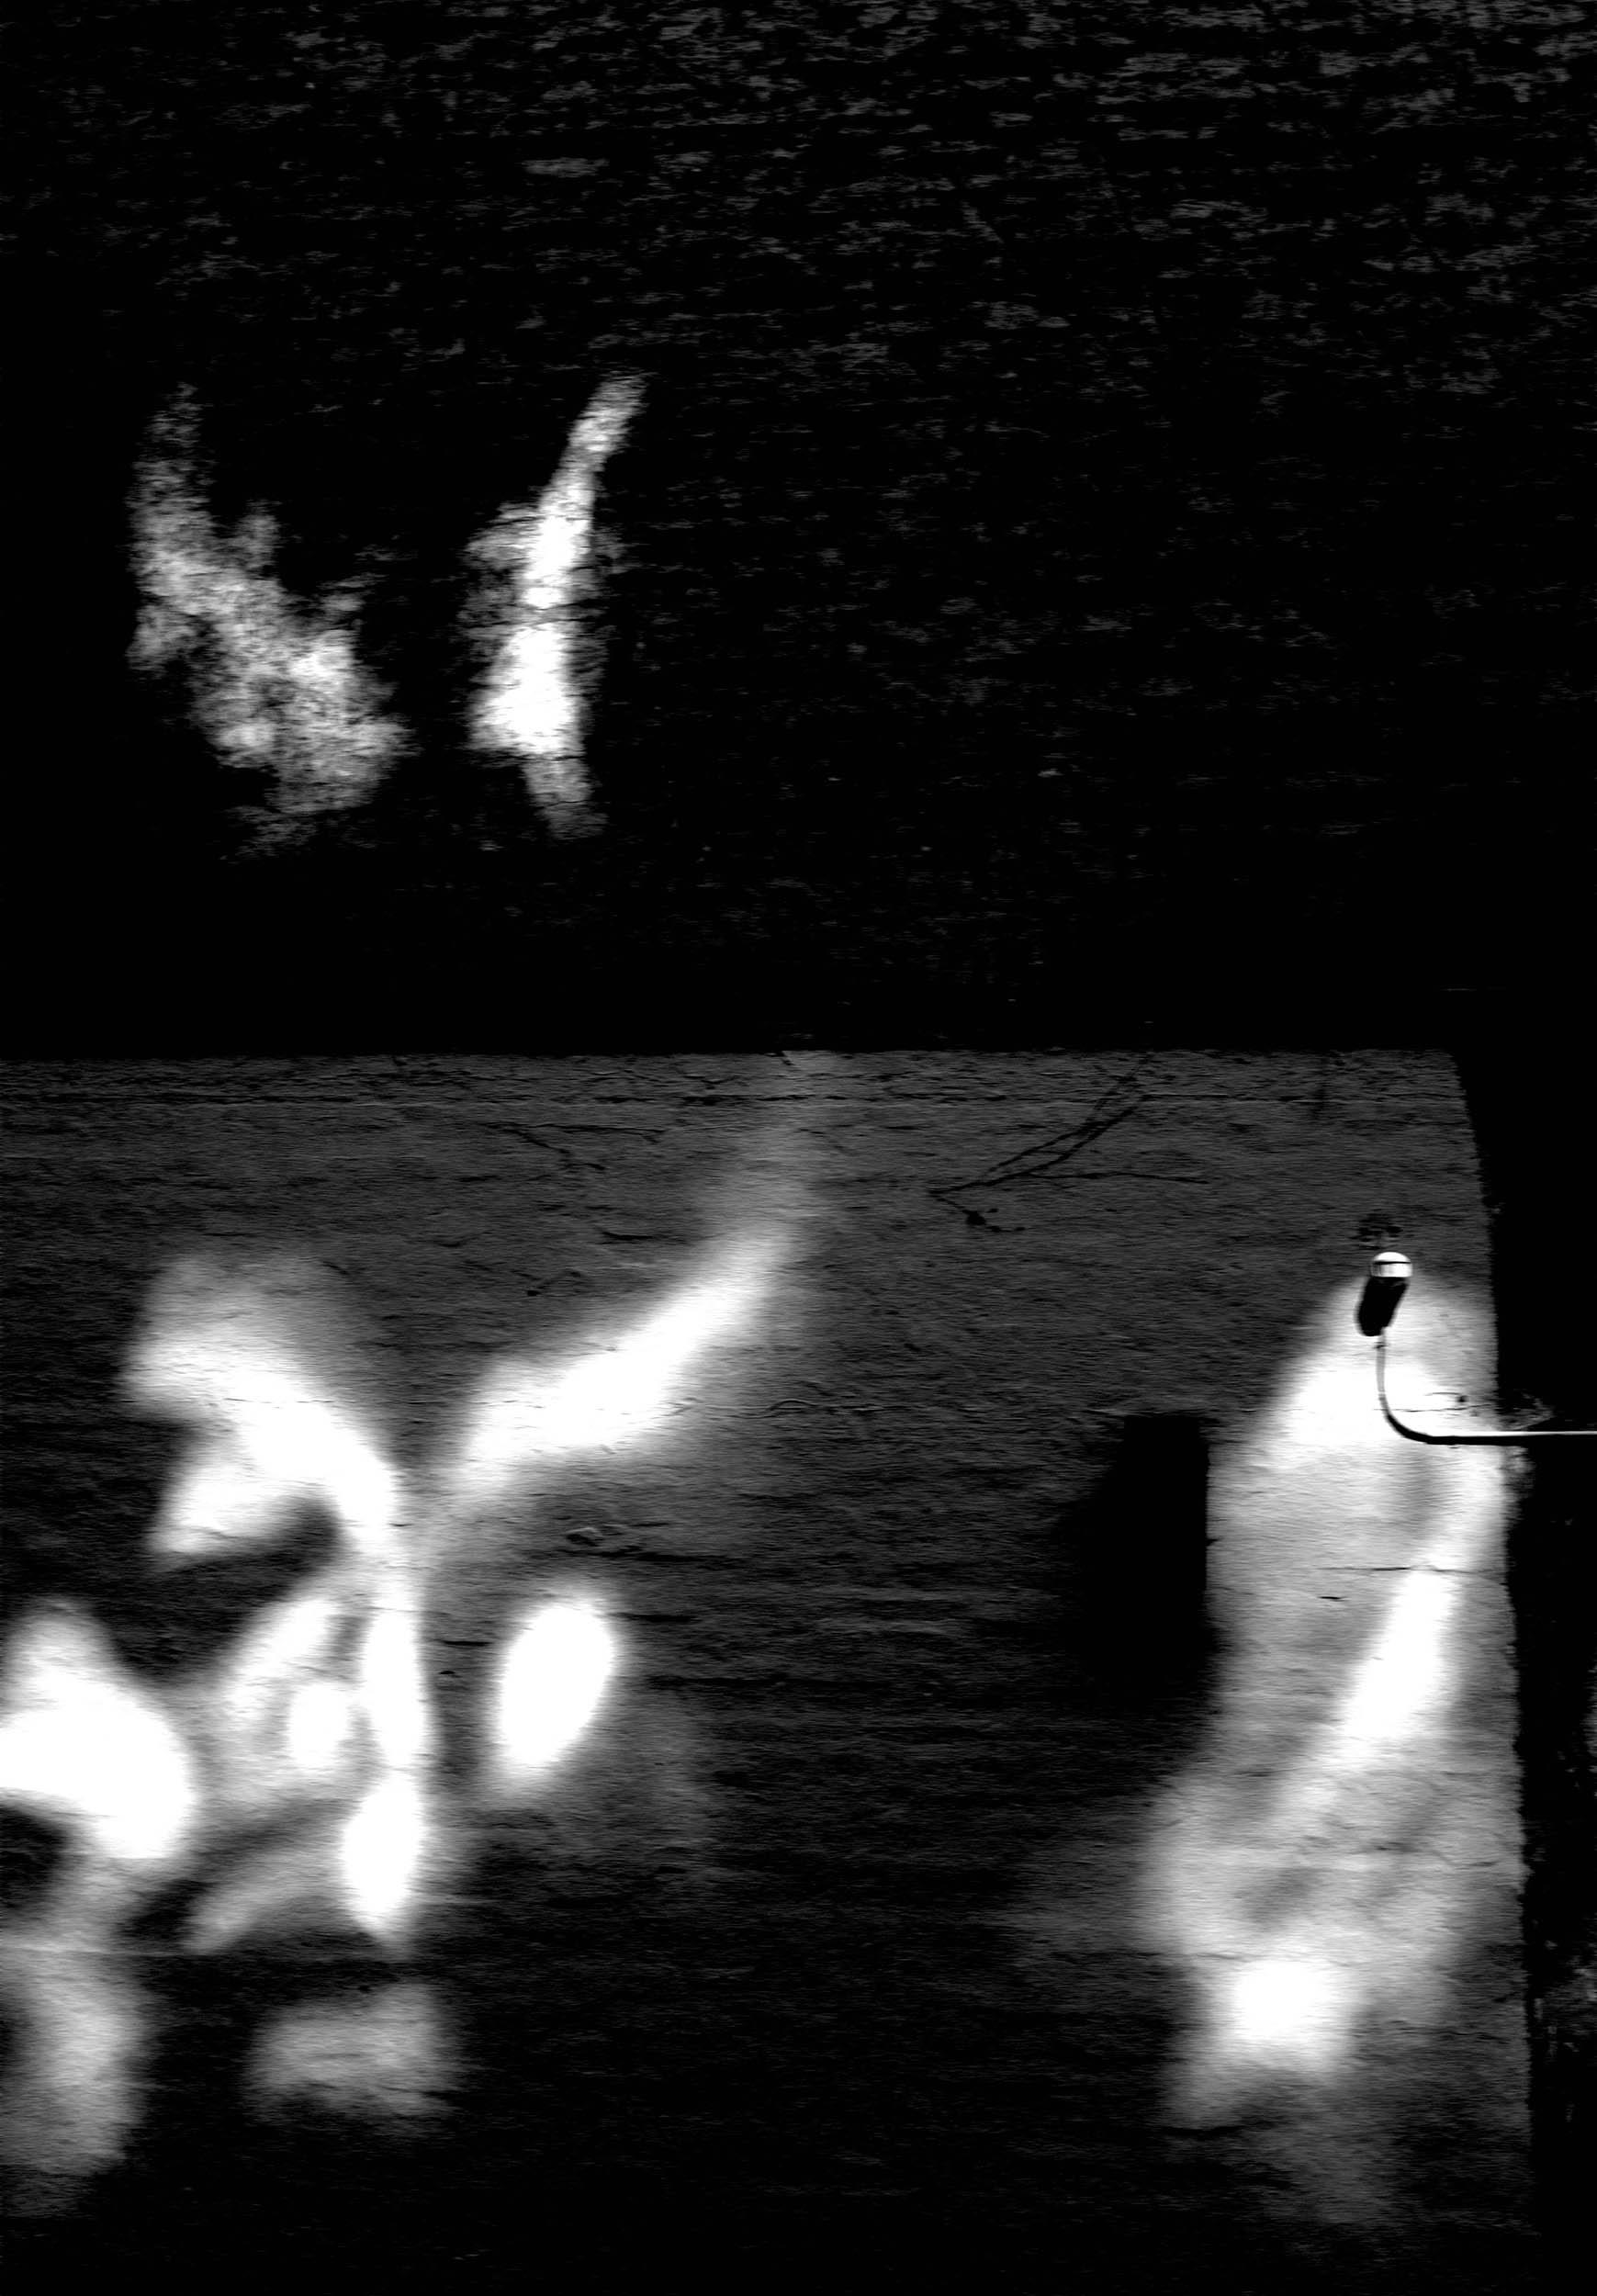 fotoskolen fatamorgana_8_idahermansen_lys.jpg